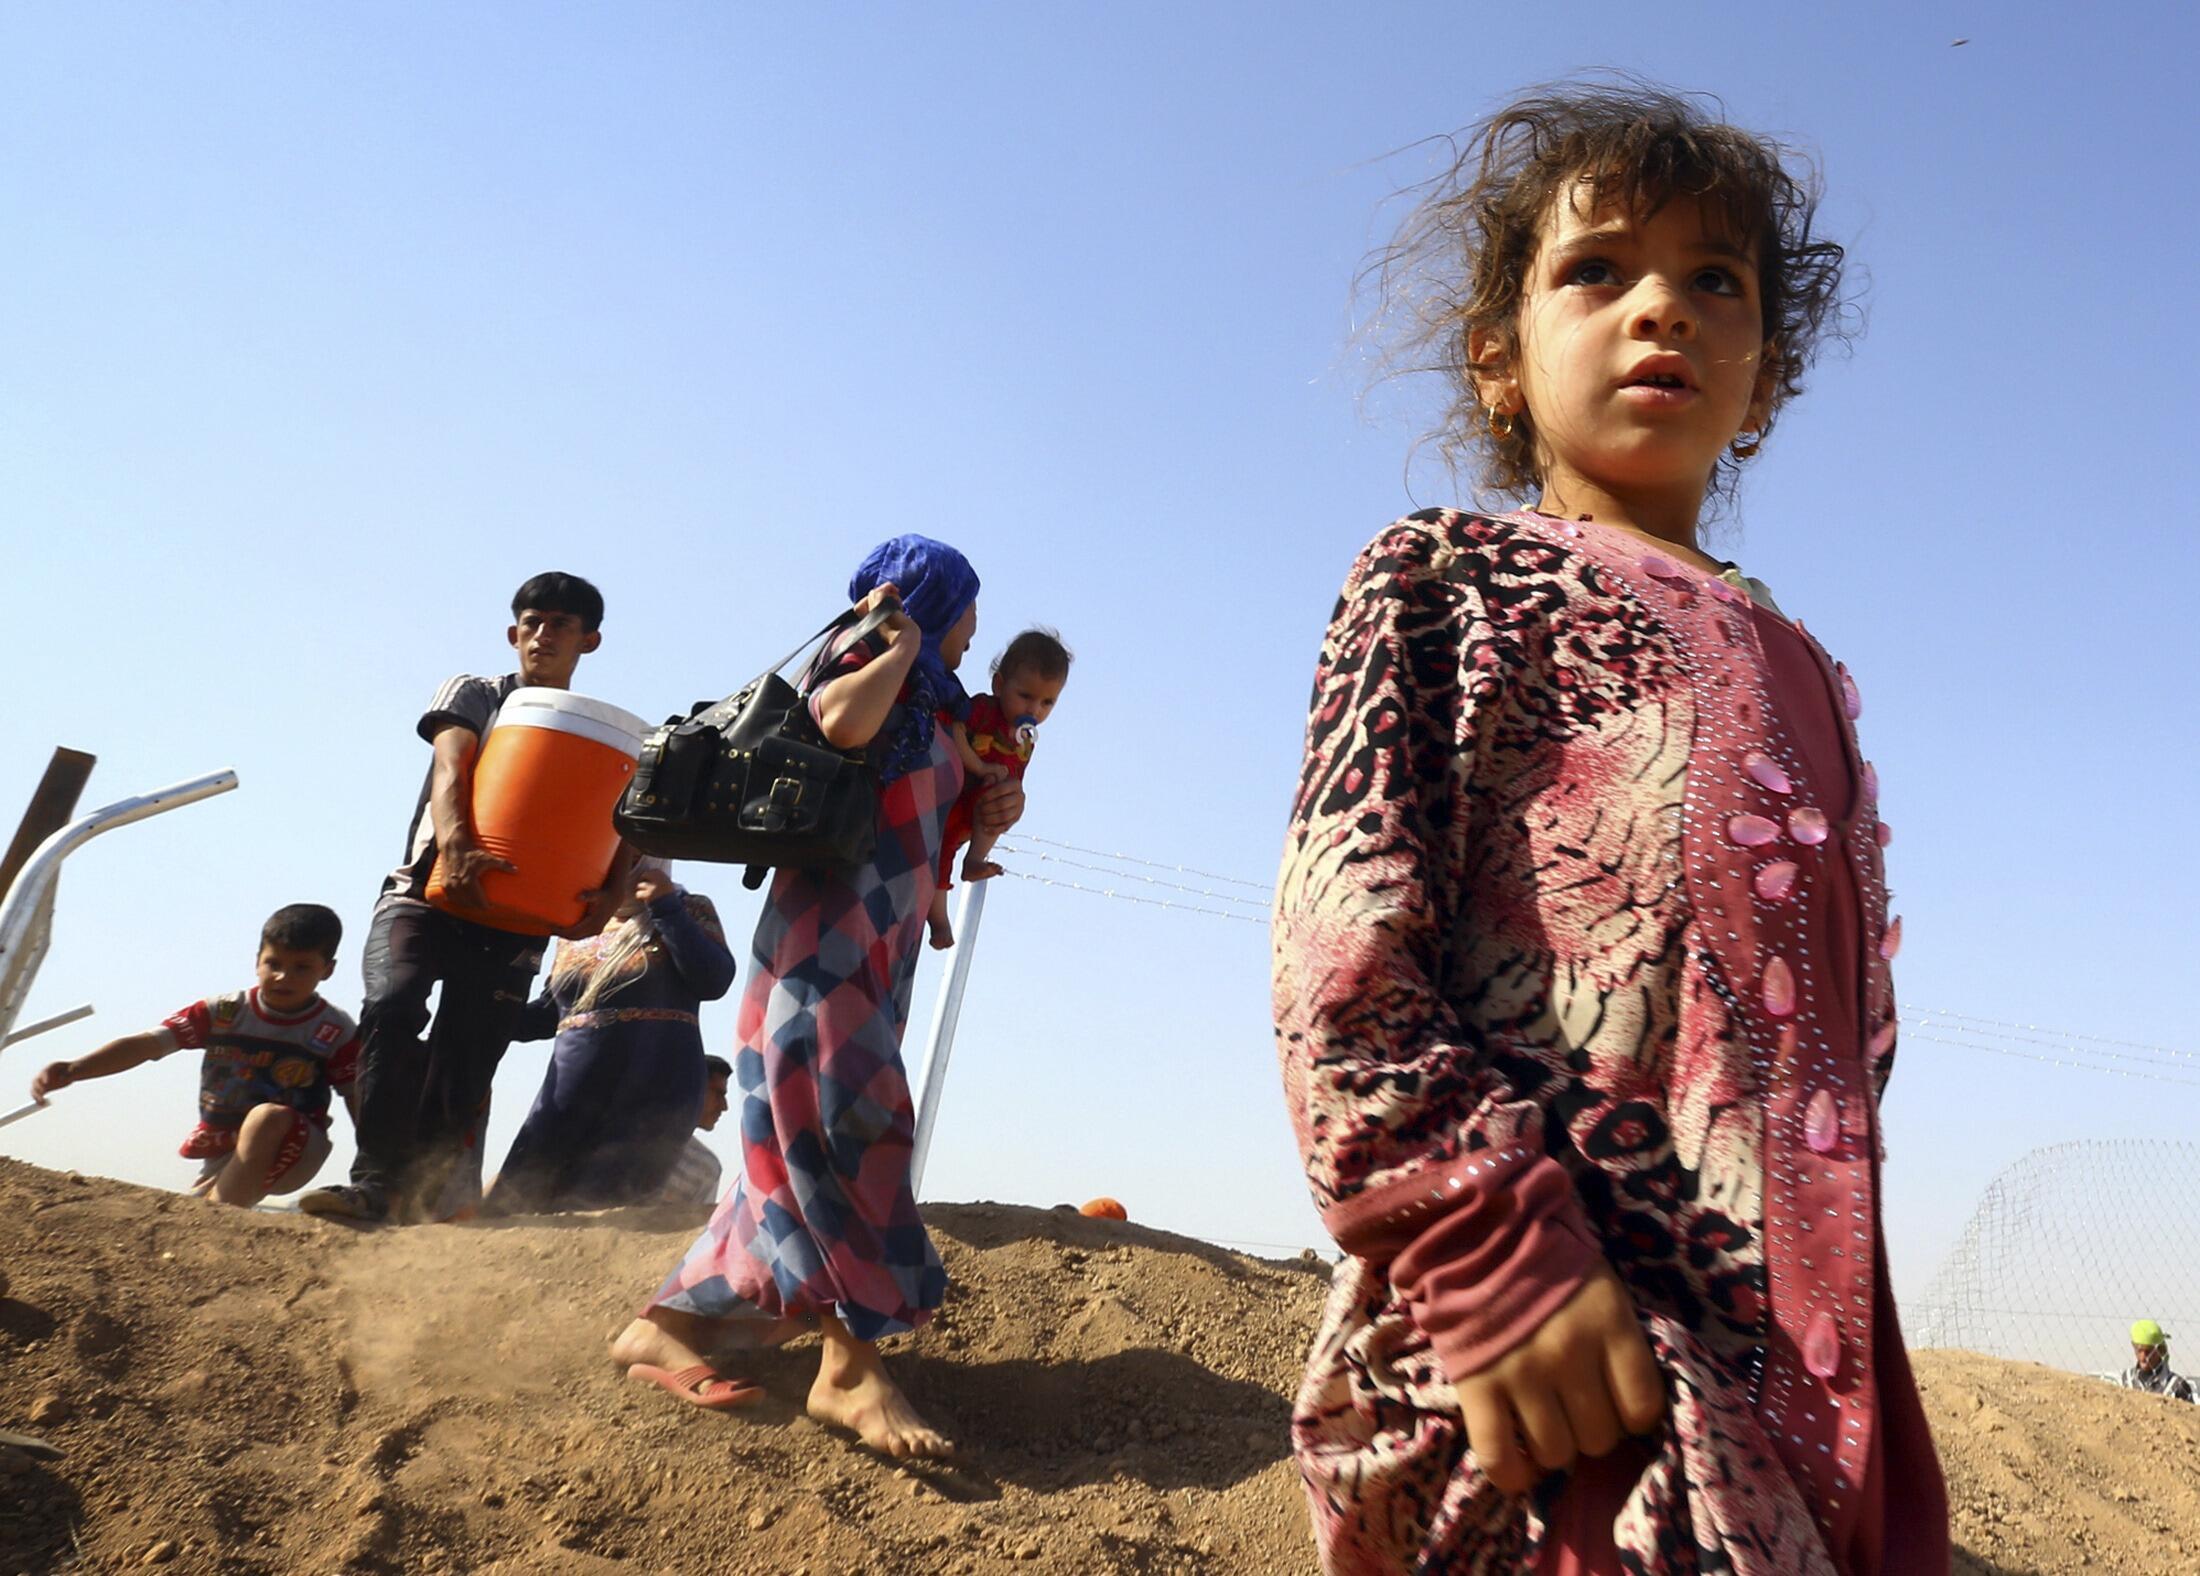 Jeunes réfugiés en Irak. «On ne peut pas construire un monde durable en gardant des communautés entières dans des conditions de vie insoutenables», dit Nadia Murad, prix Nobel de la paix.